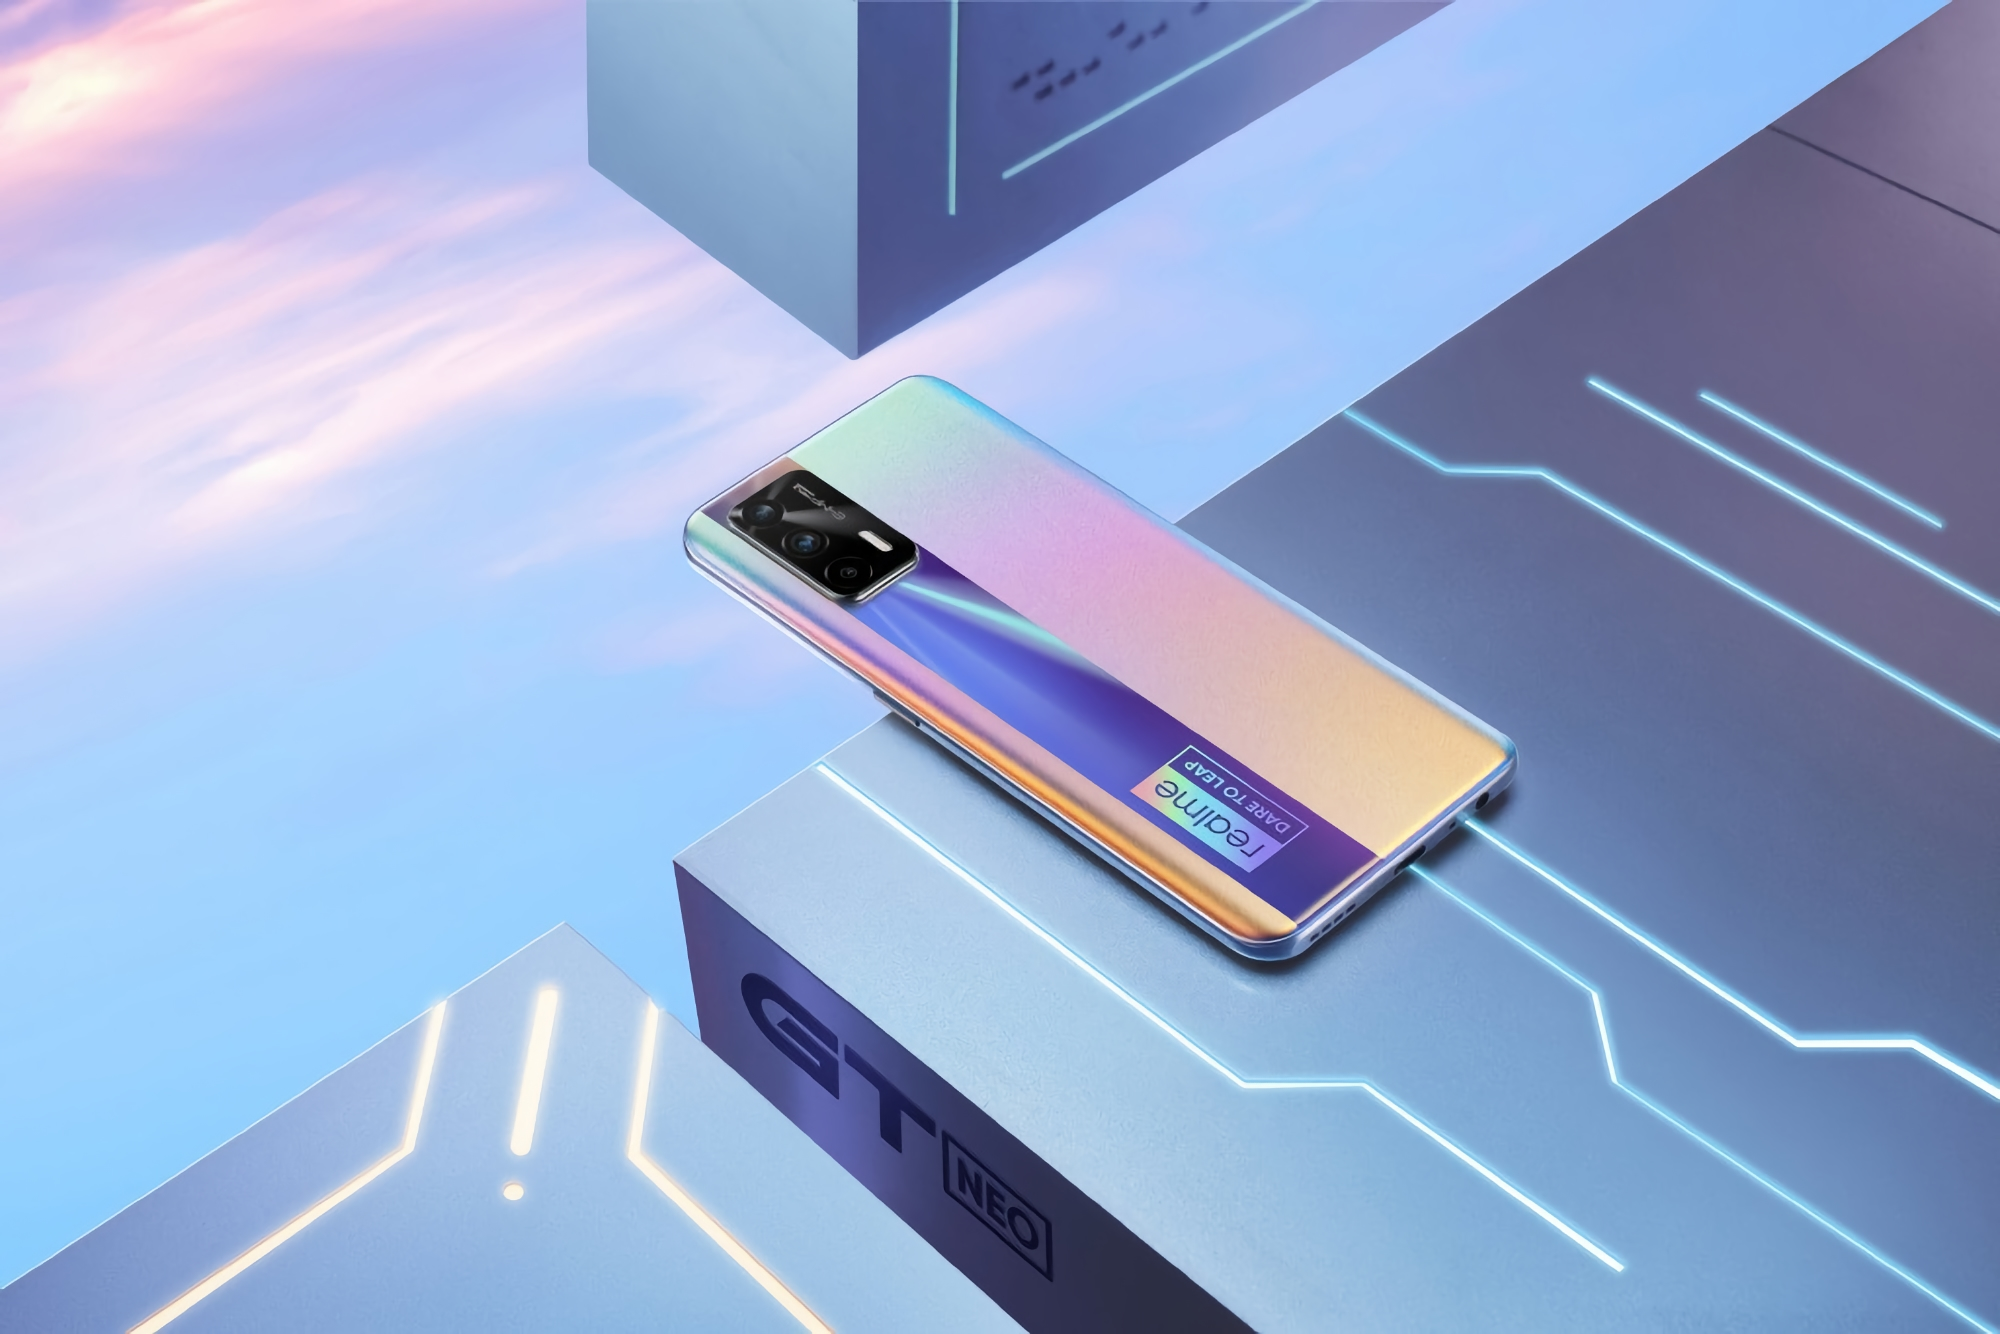 Realme показала внешний вид бюджетного флагмана с чипом MediaTek Dimensity 1200 на борту